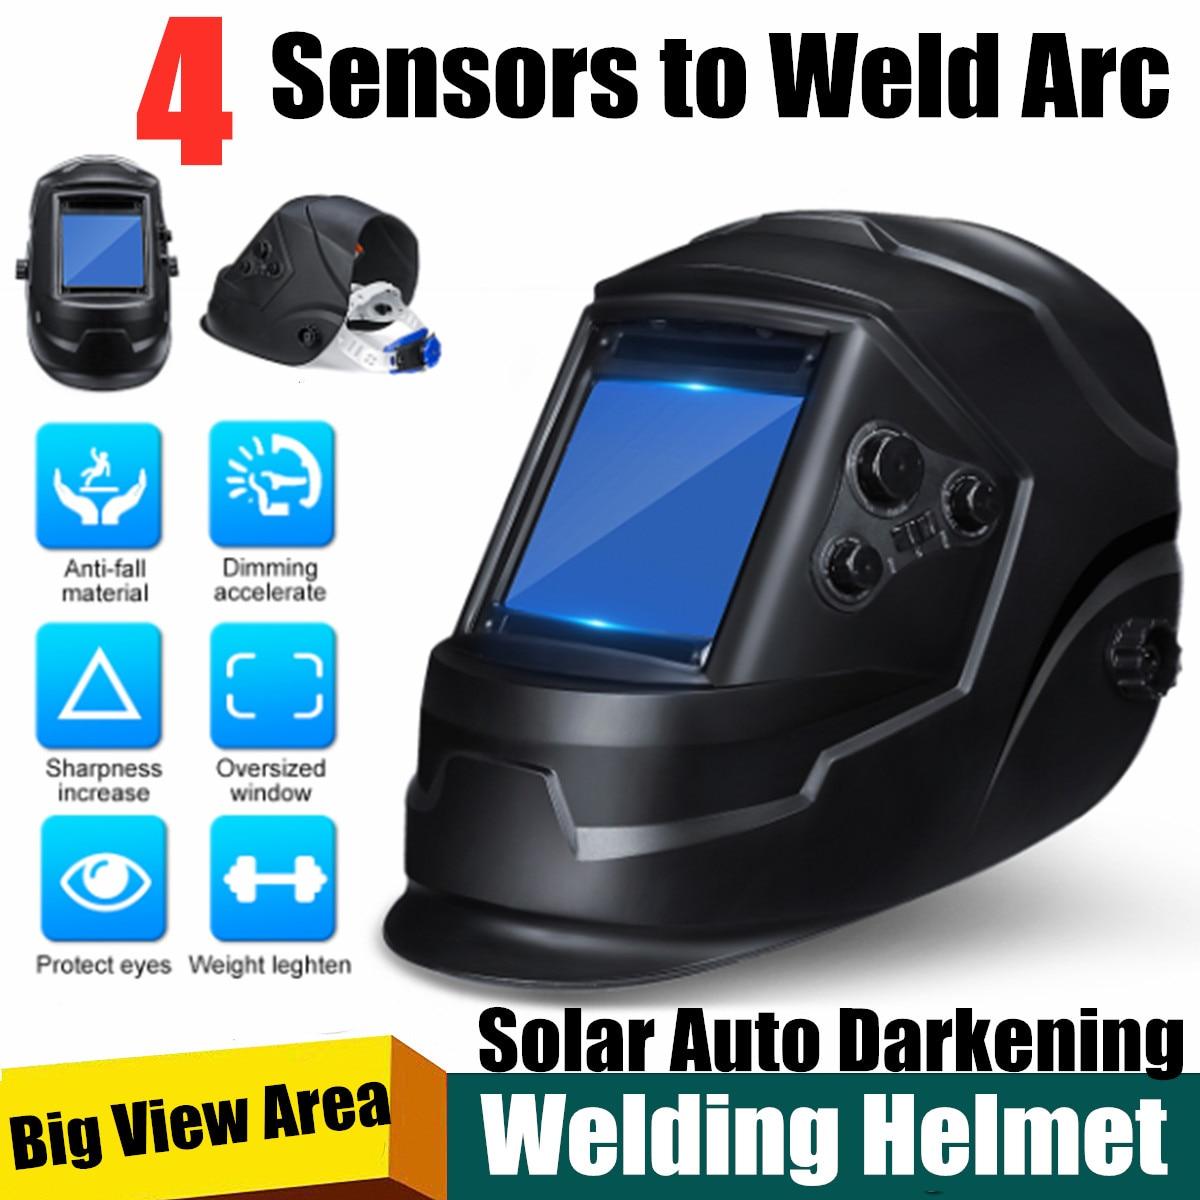 Solar Power Auto Darkening Welding Helmet Big View 4 Arc Sensor DIN5 DIN13 TIG MIG MMA Welding Mask/Helmet/Welder Cap/Lens/Face|Welding Helmets| |  - title=